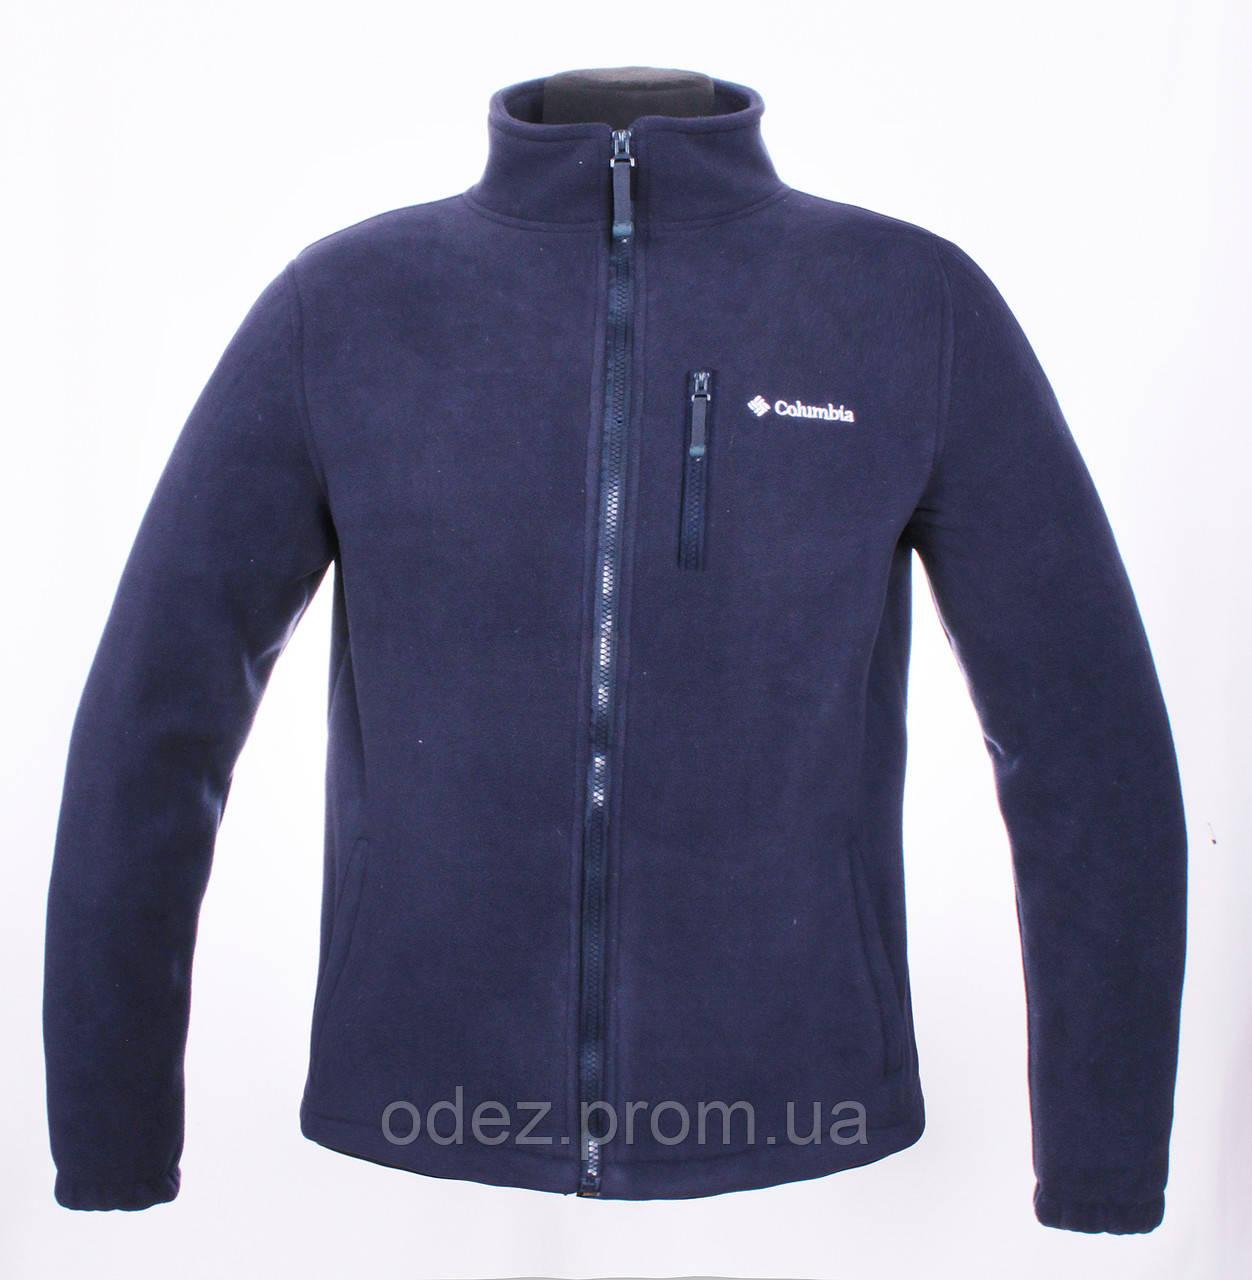 6d7a96d6fdc3 Толстовка флисовая Columbia Timber Ridge Full Zip Fleece Mens Jumper  1560561 - Интернет-магазин одежды